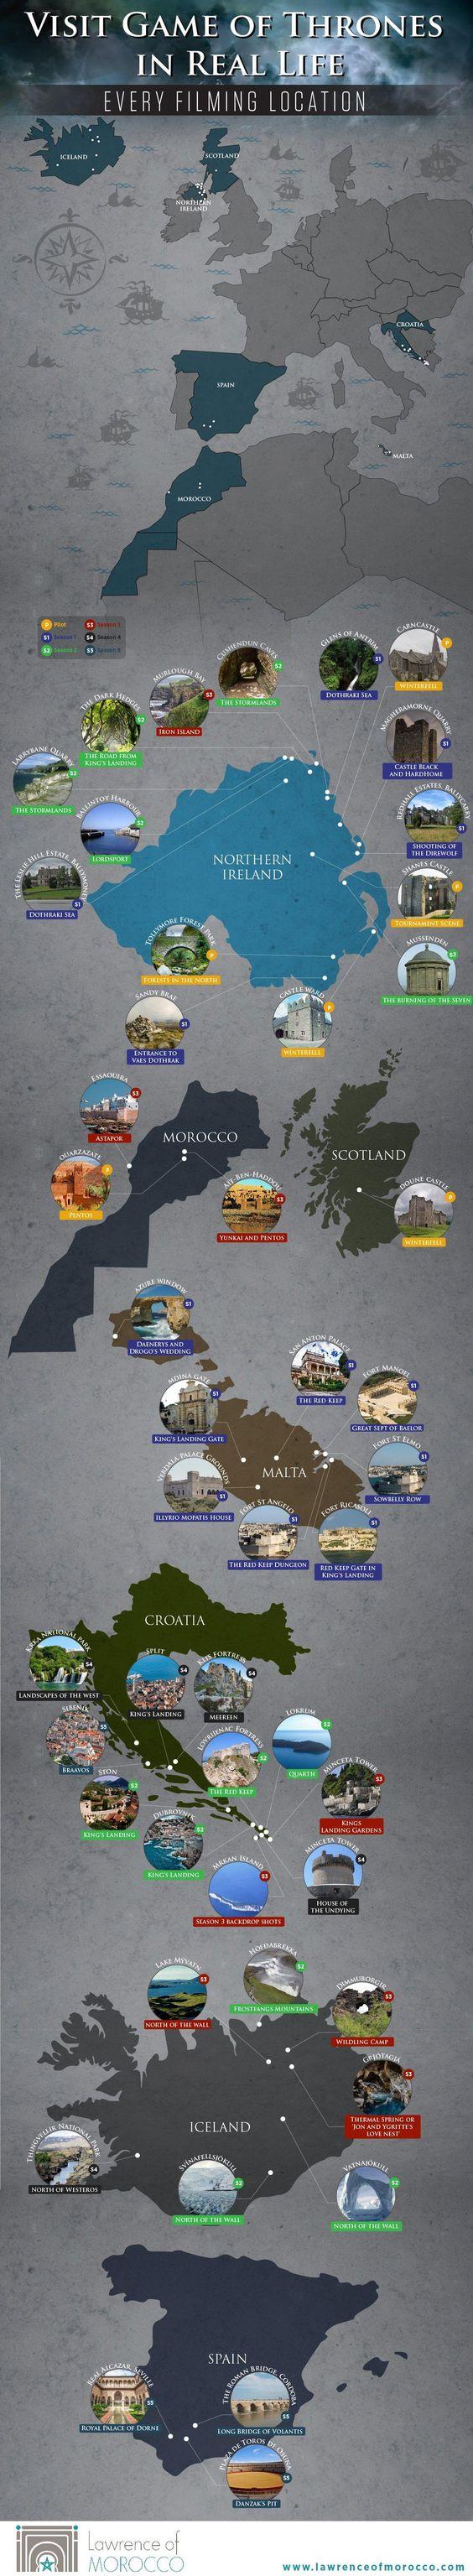 La carte des lieux où a été filmé Game of thrones   Une carte du monde.